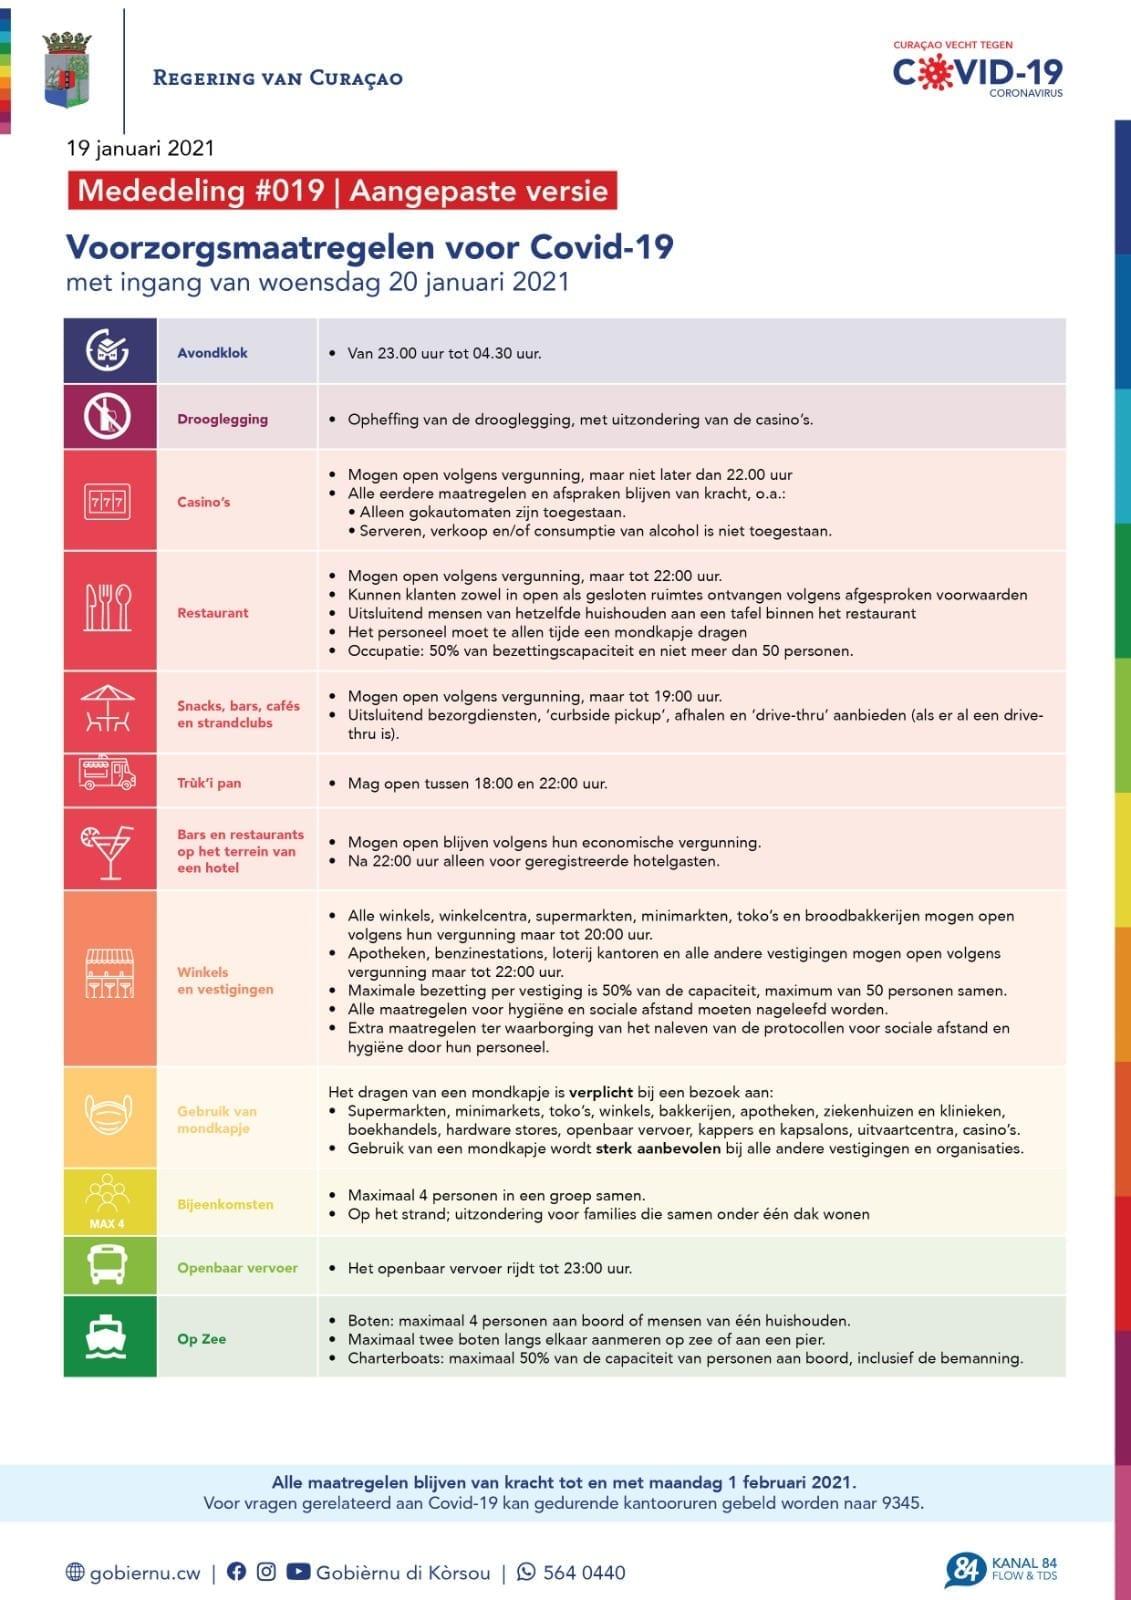 curacao corona mededeling 2021 #019